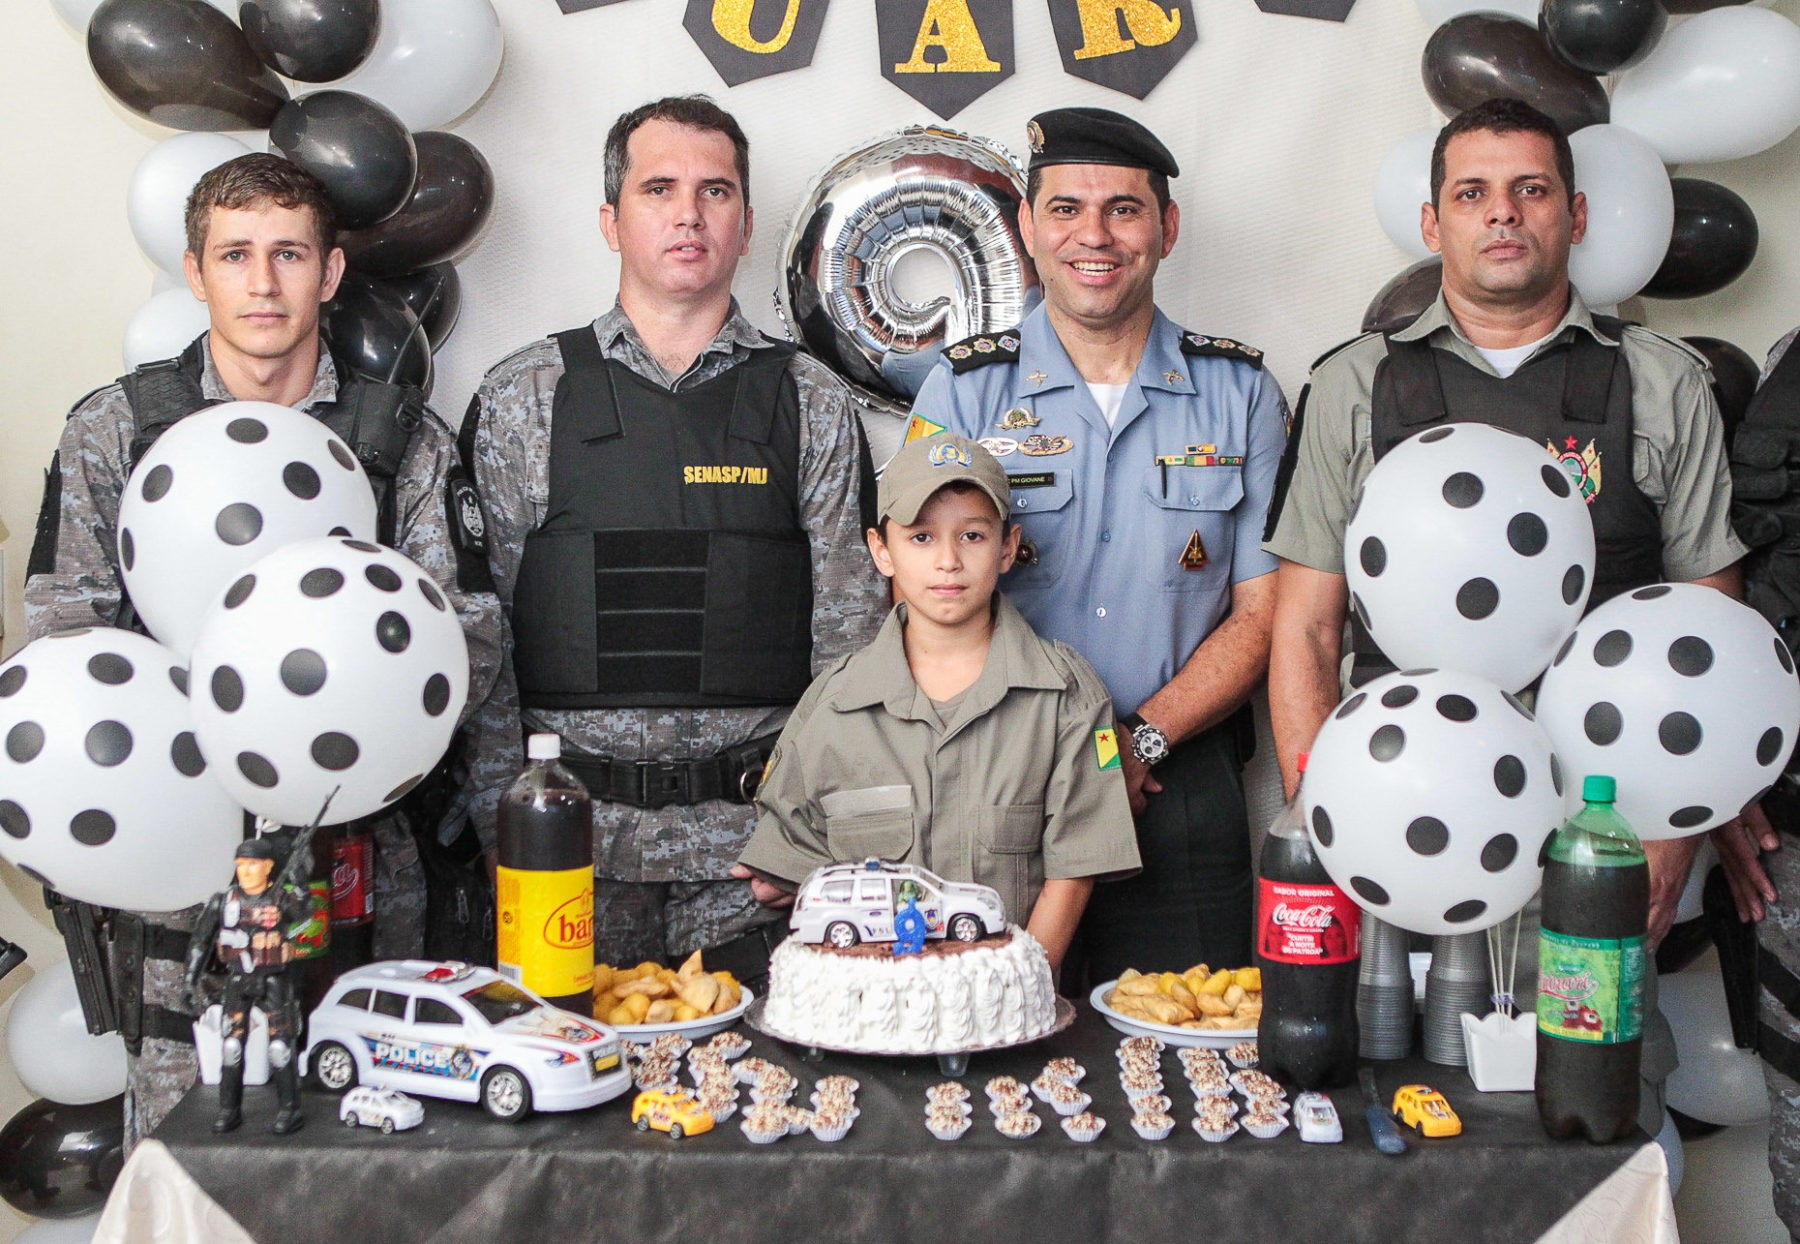 Fã da PM, menino de 9 anos ganha festa de aniversário em quartel de Rio Branco